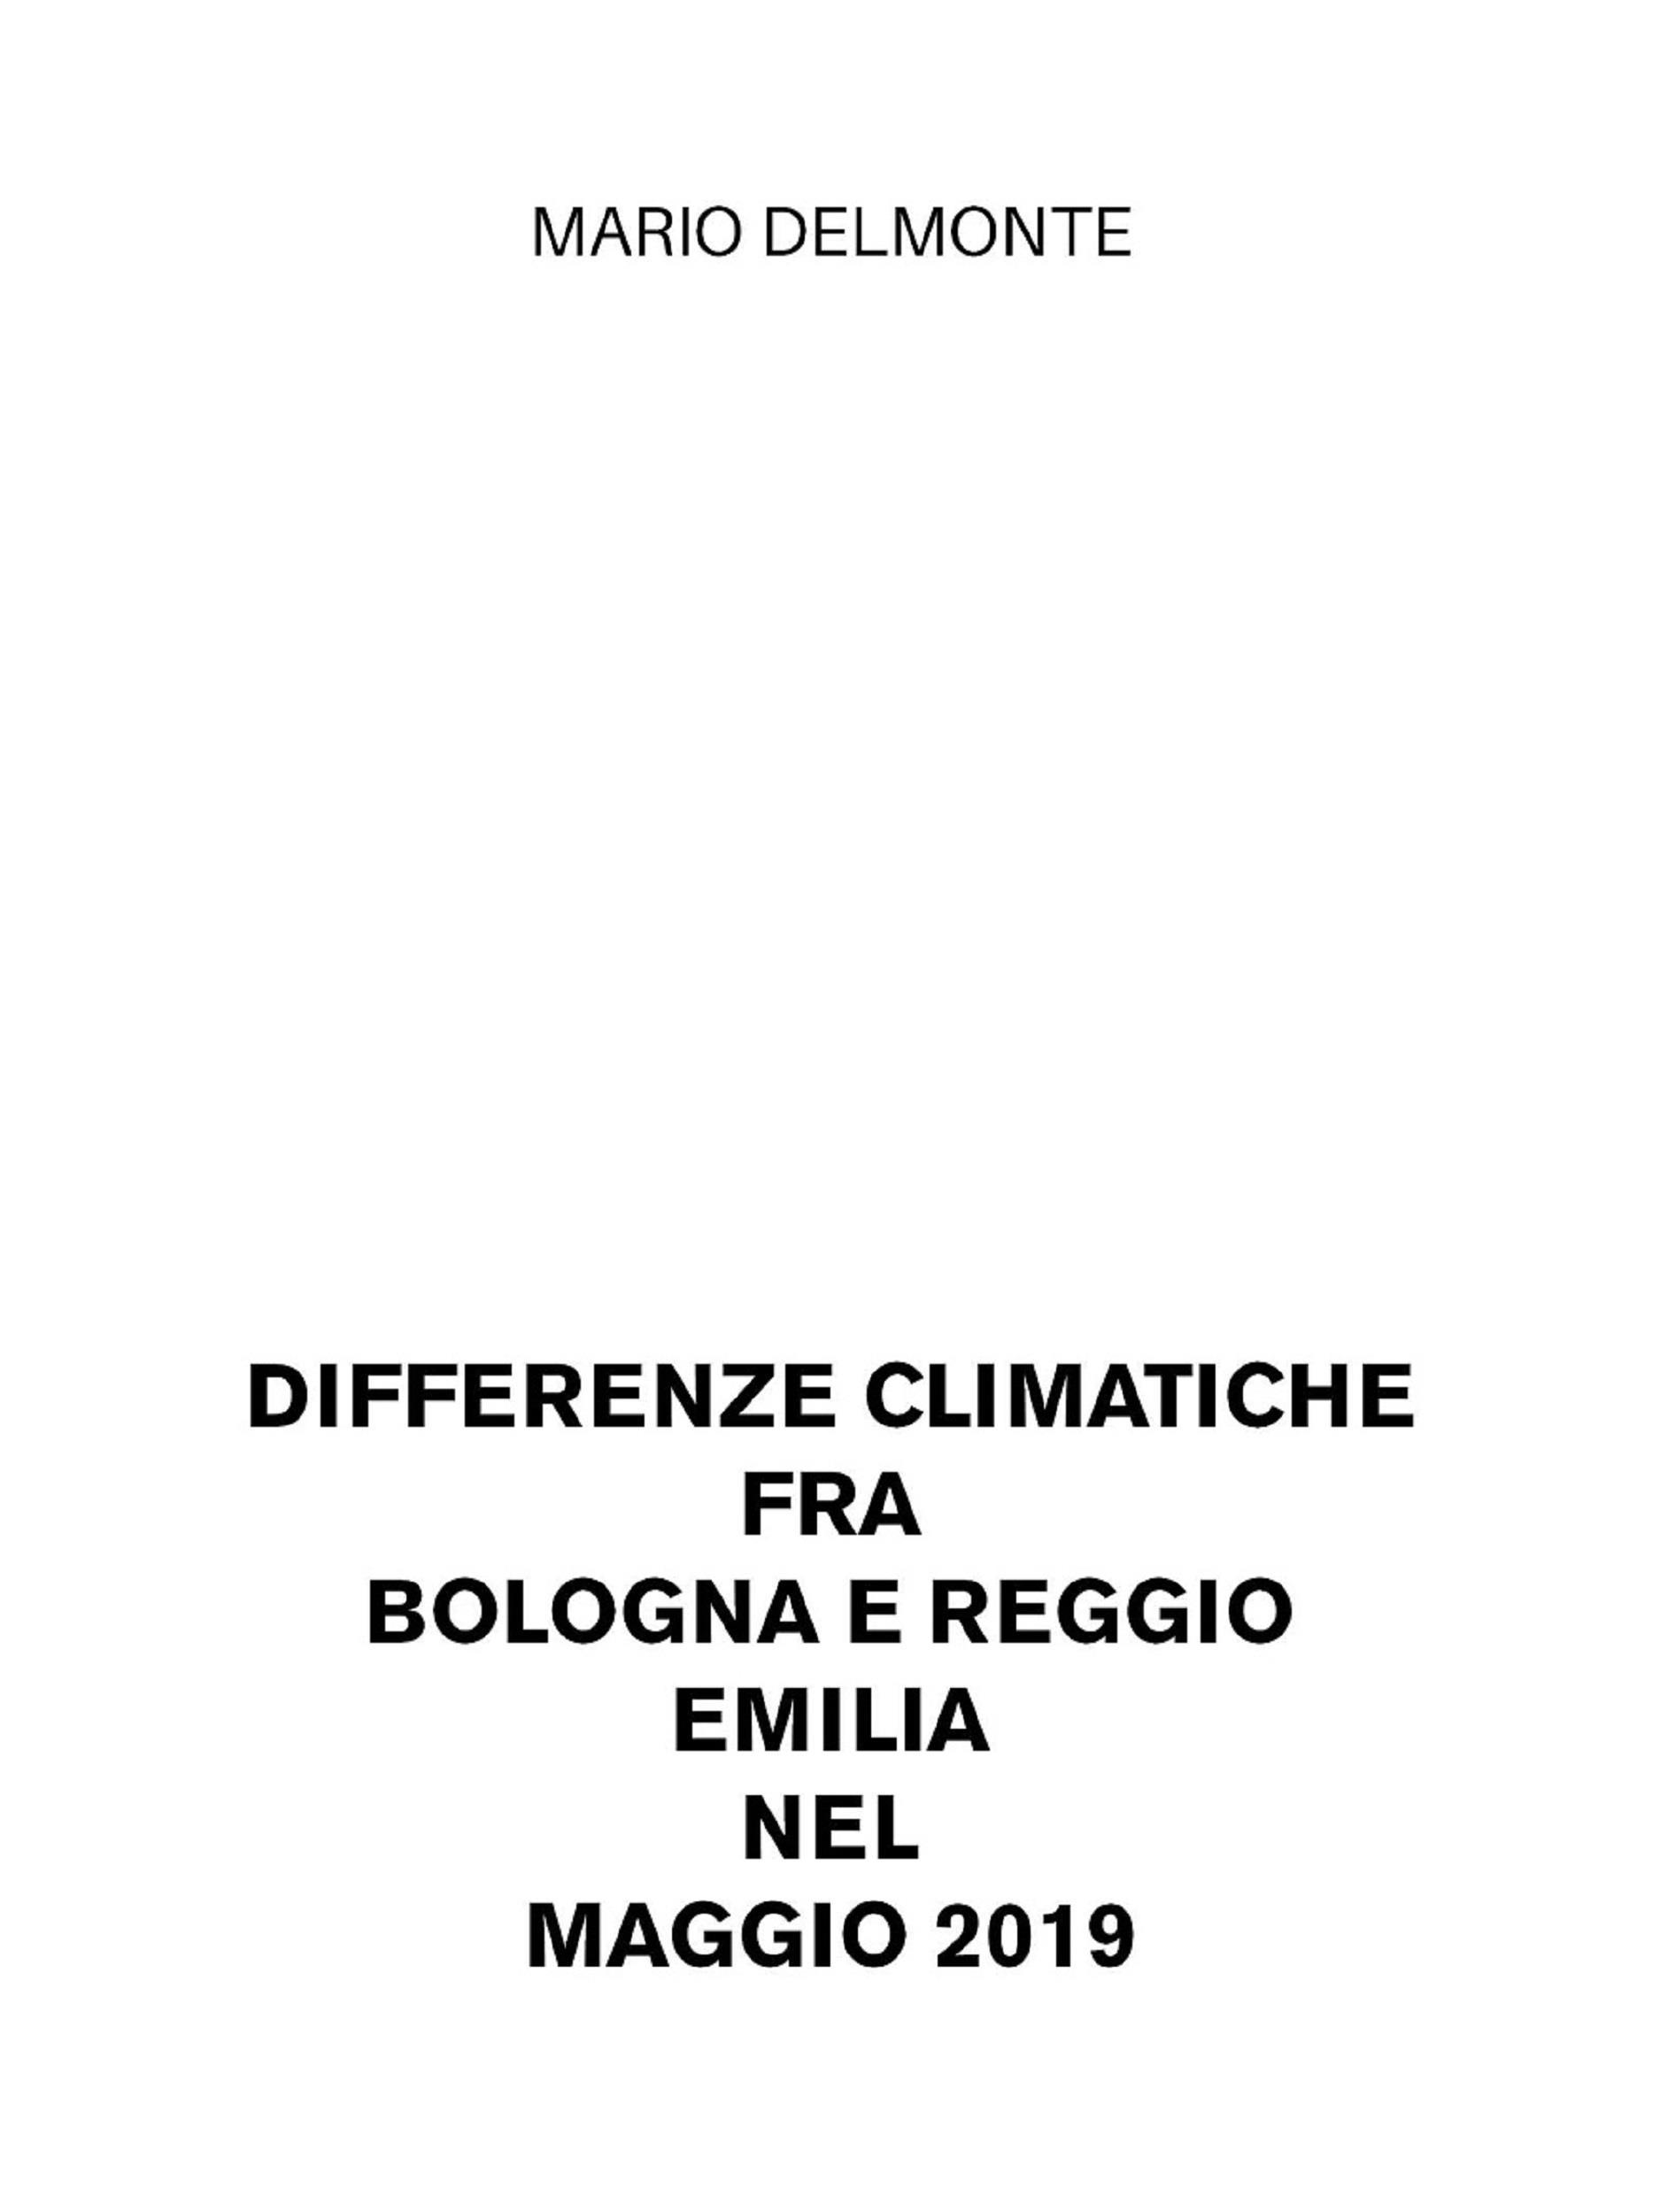 Differenze climatiche fra Bologna e Reggio Emilia nel maggio 2019